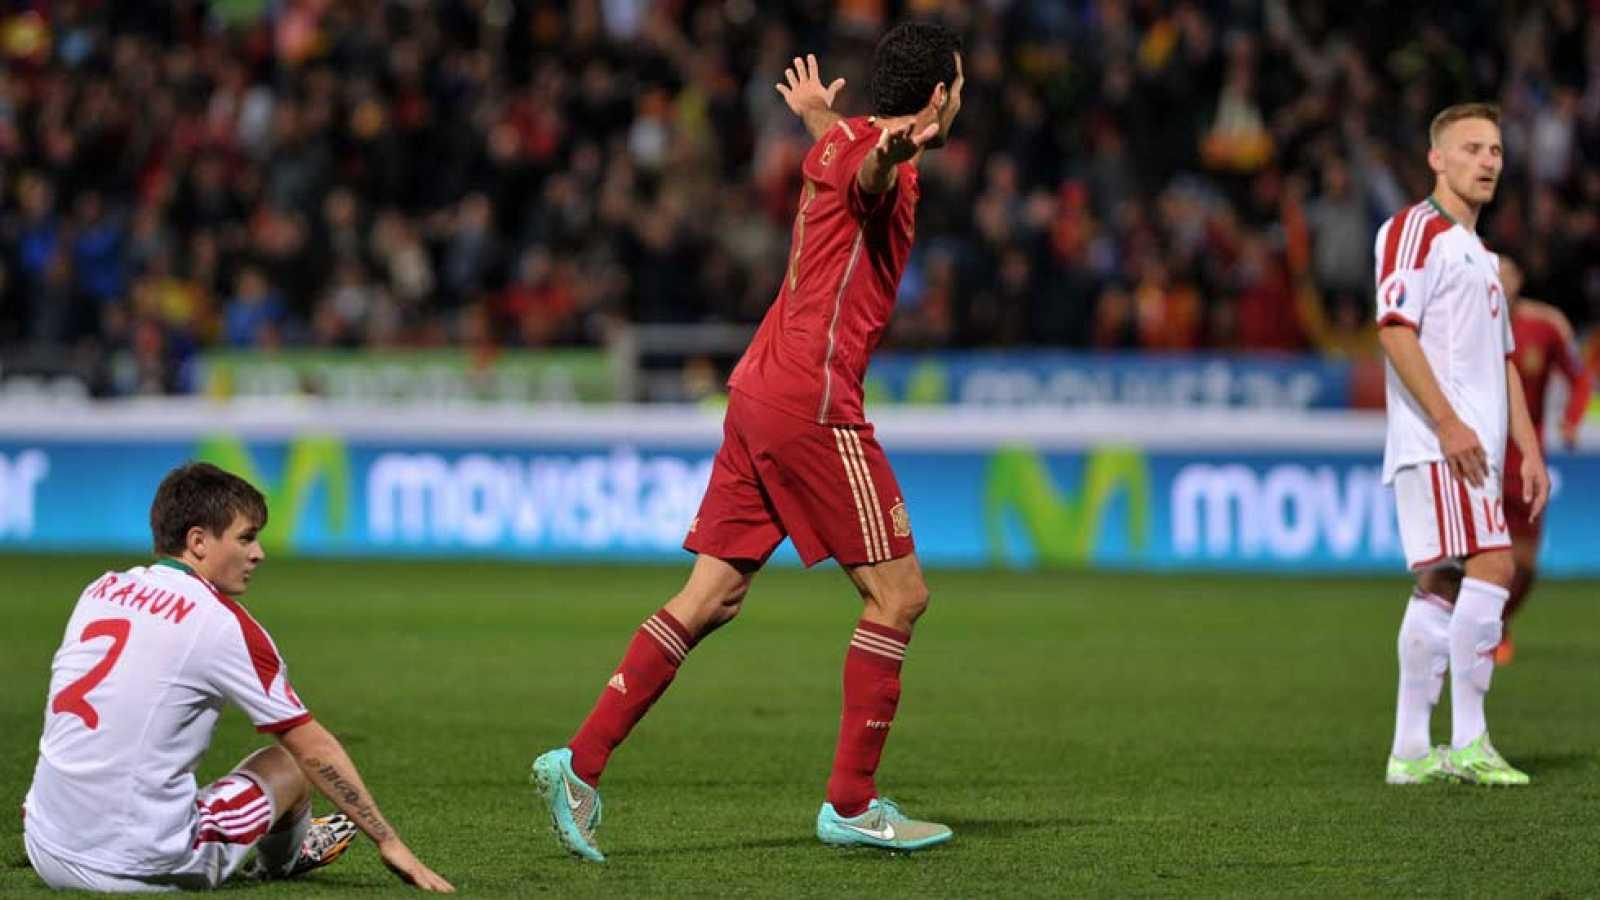 El centrocampista catalán Sergio Busquets ha marcado el 2-0 ante Bielorrusia en el minuto 19 de juego, con un disparo desde fuera del área que ha tocado un defensa bielorruso antes de meterse en la portería.